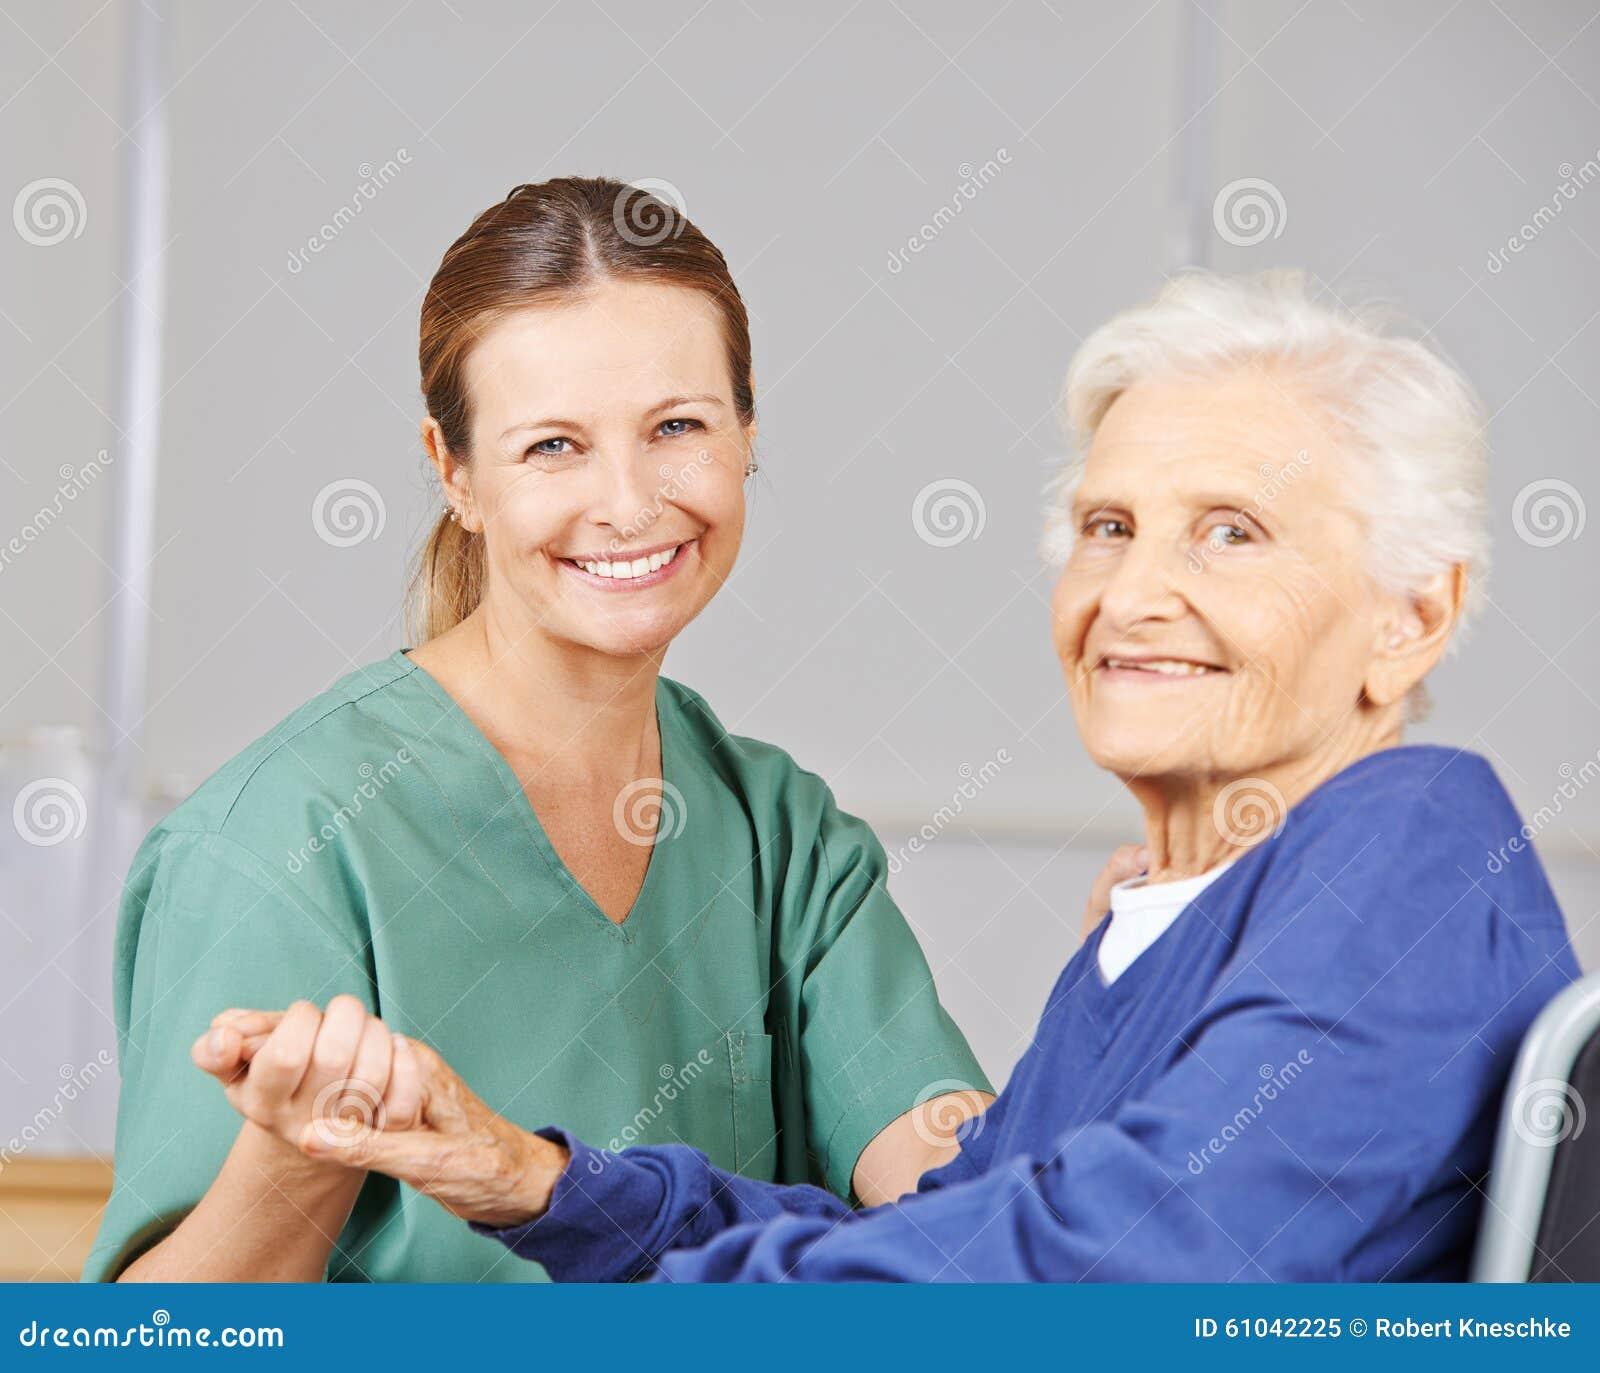 Старуха в доме престарелых зарплата психолога в доме престарелых